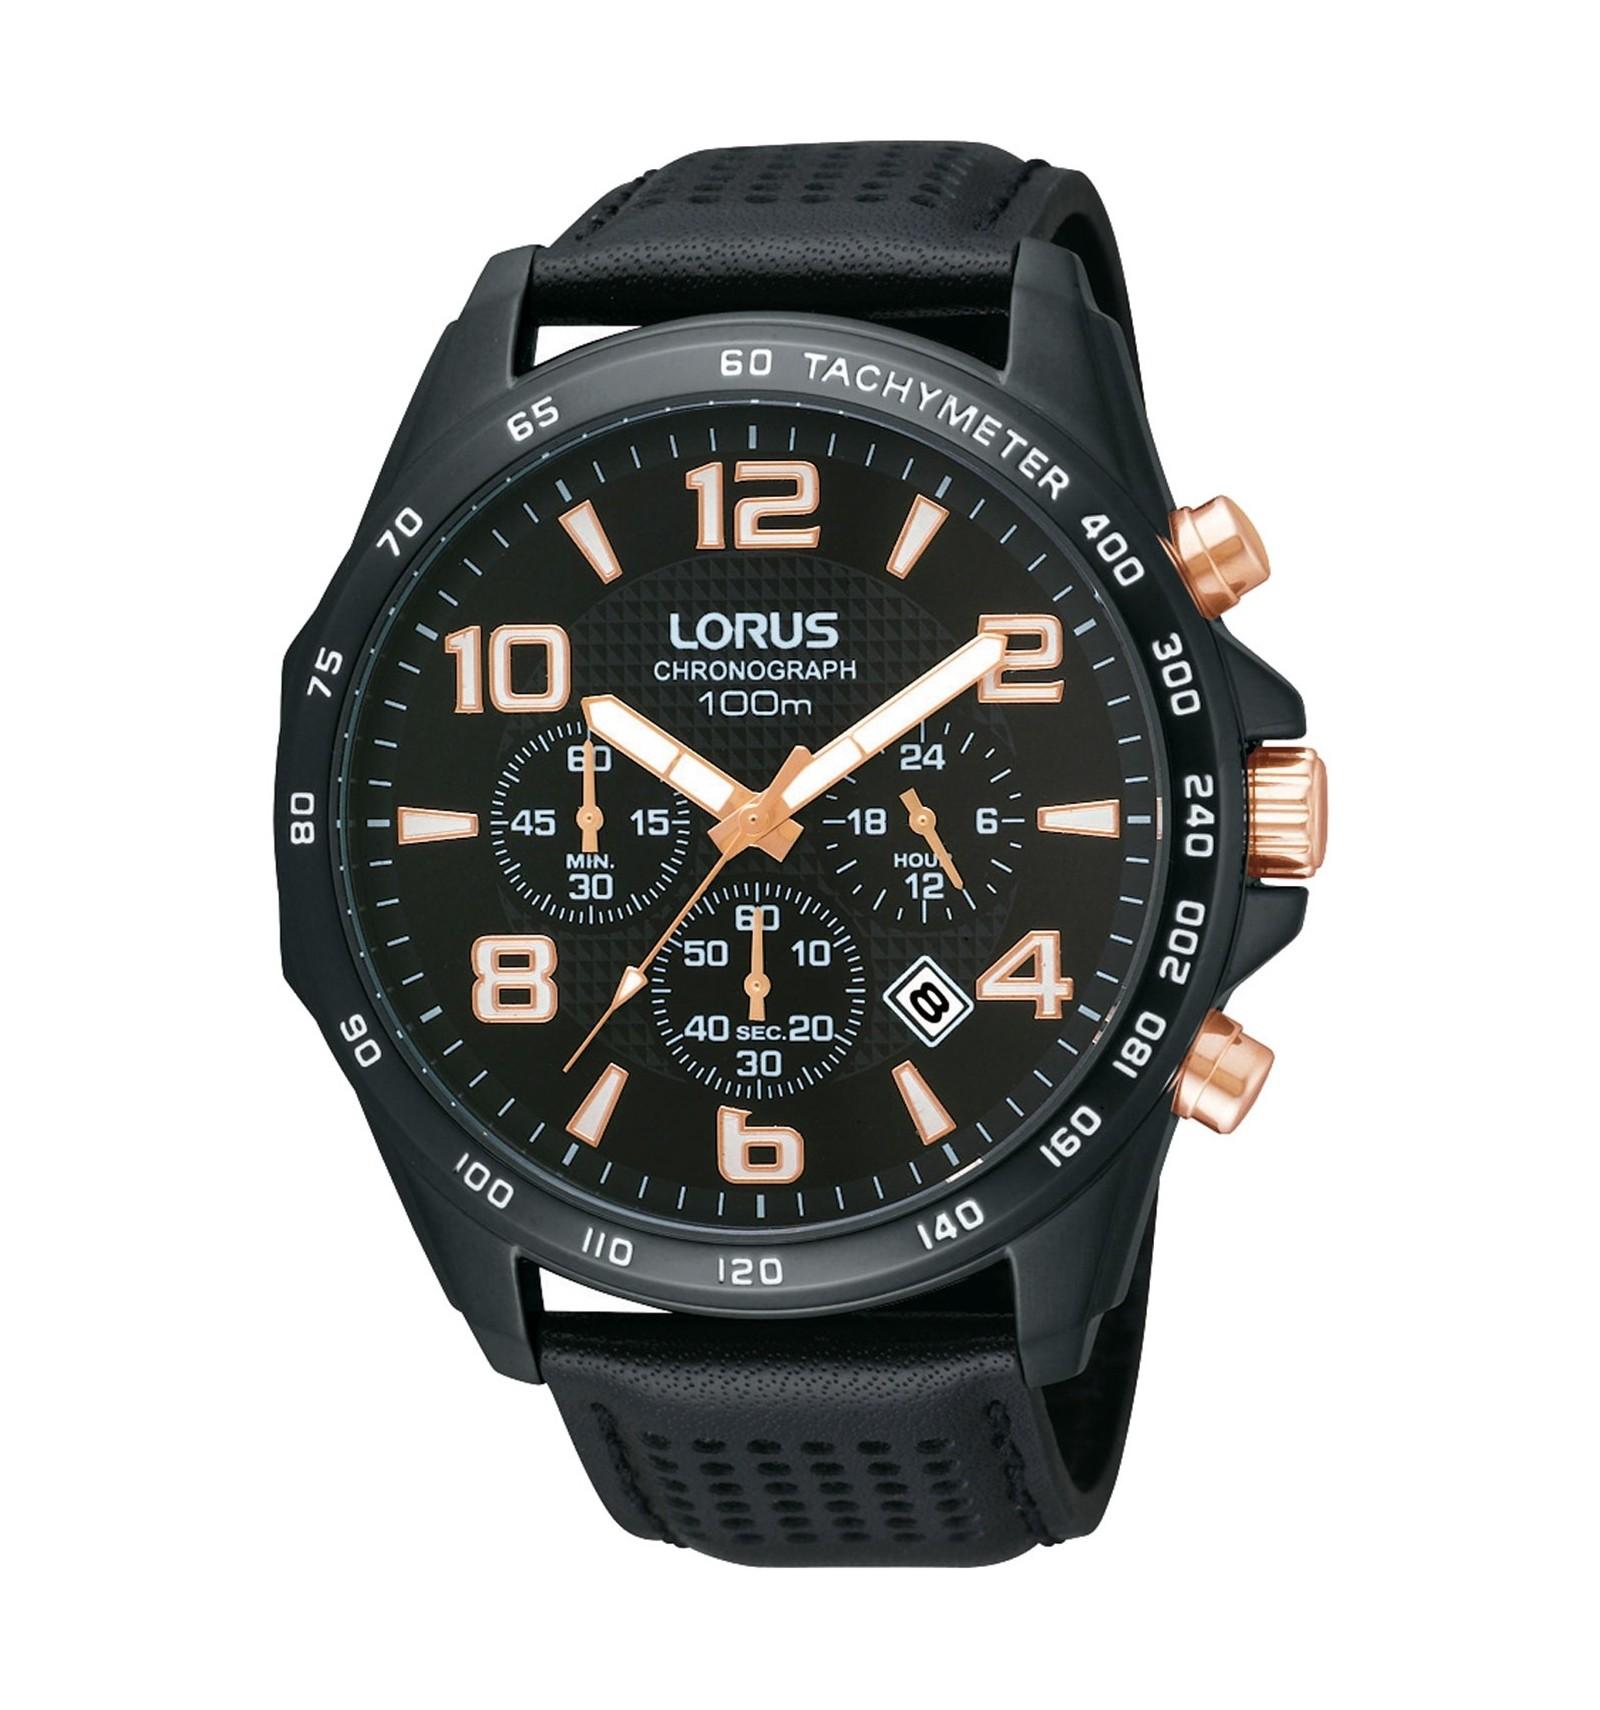 Lorus Продажа наручных часов производителя Lorus в